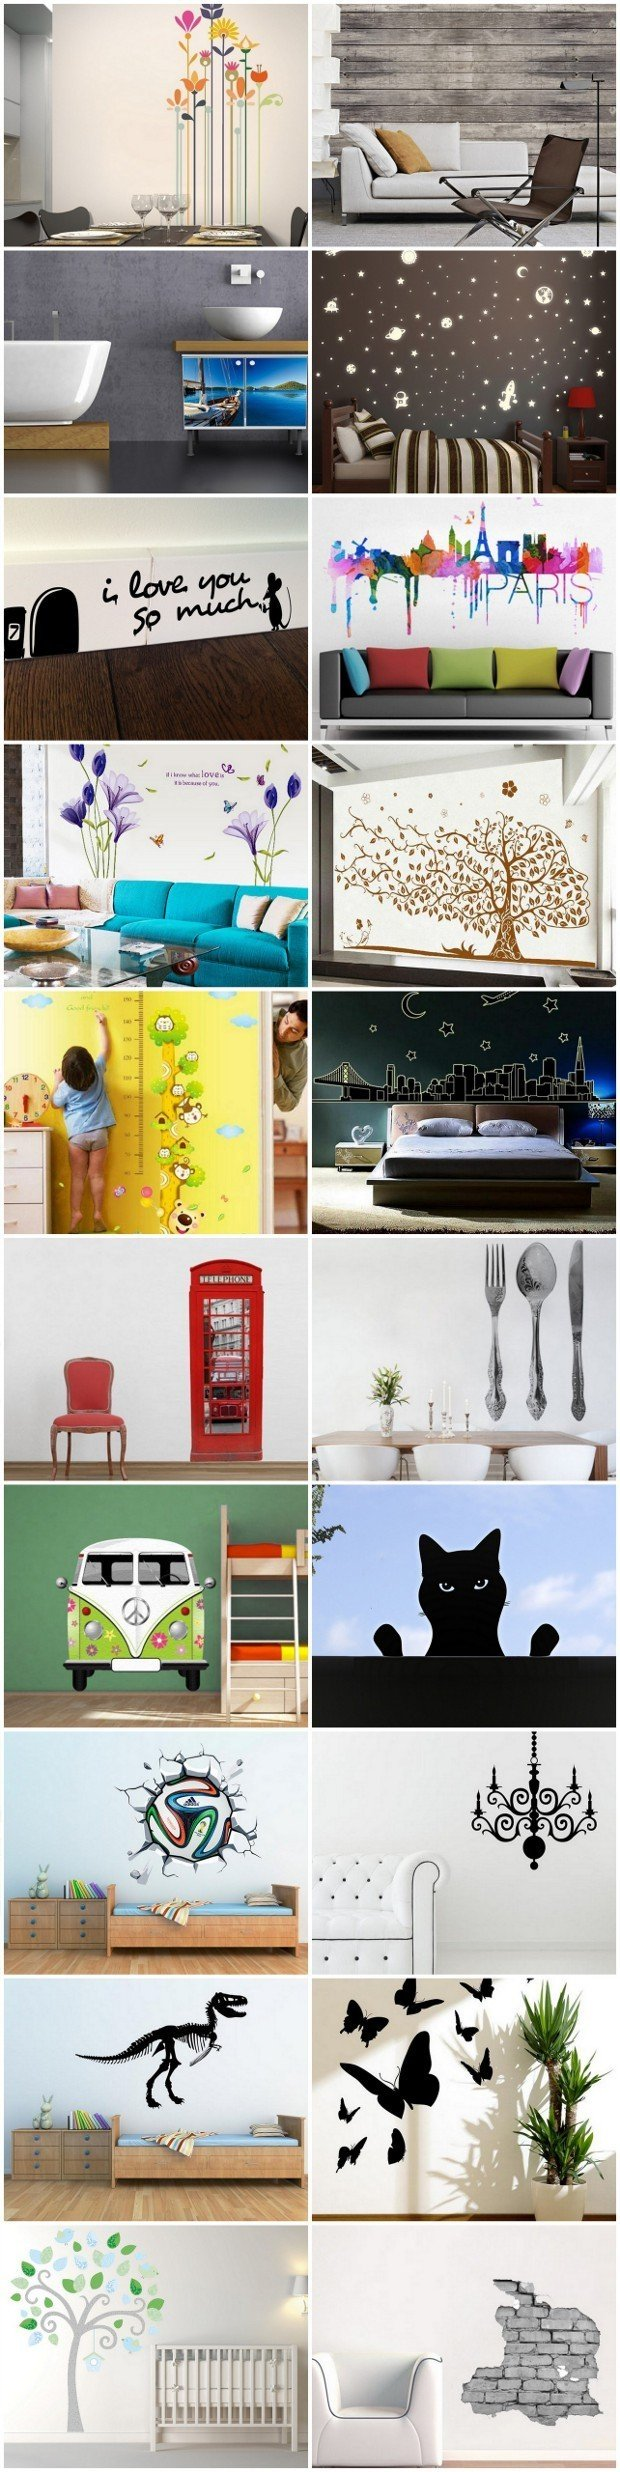 adesivi-murali-idee-pareti